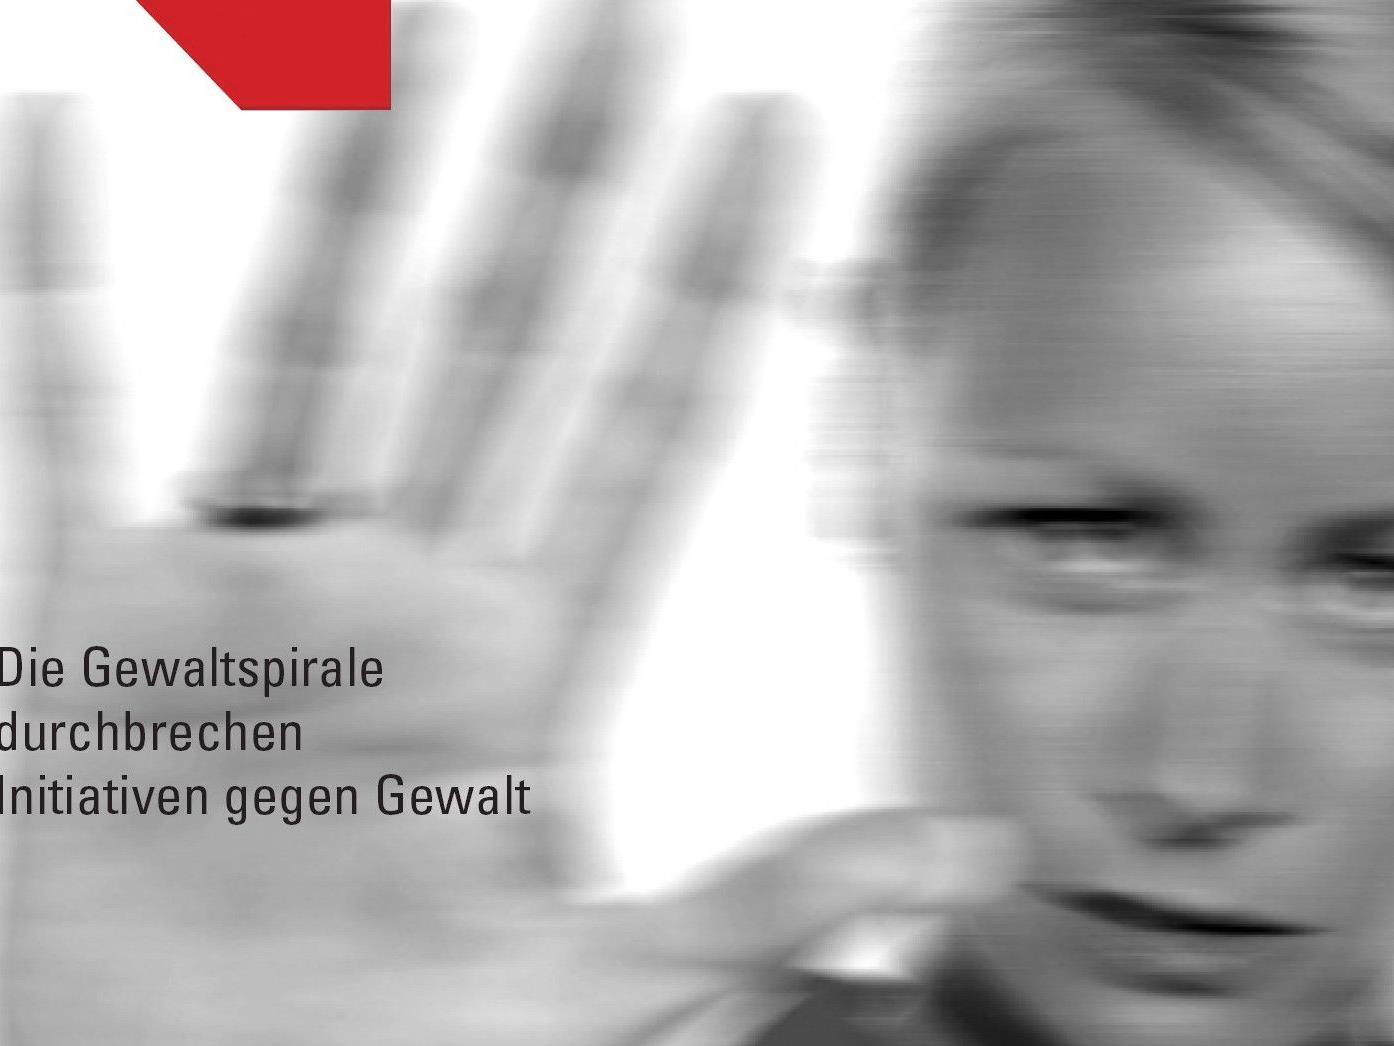 Neue IF-Ausgabe zum Thema Gewalt gegen Frauen